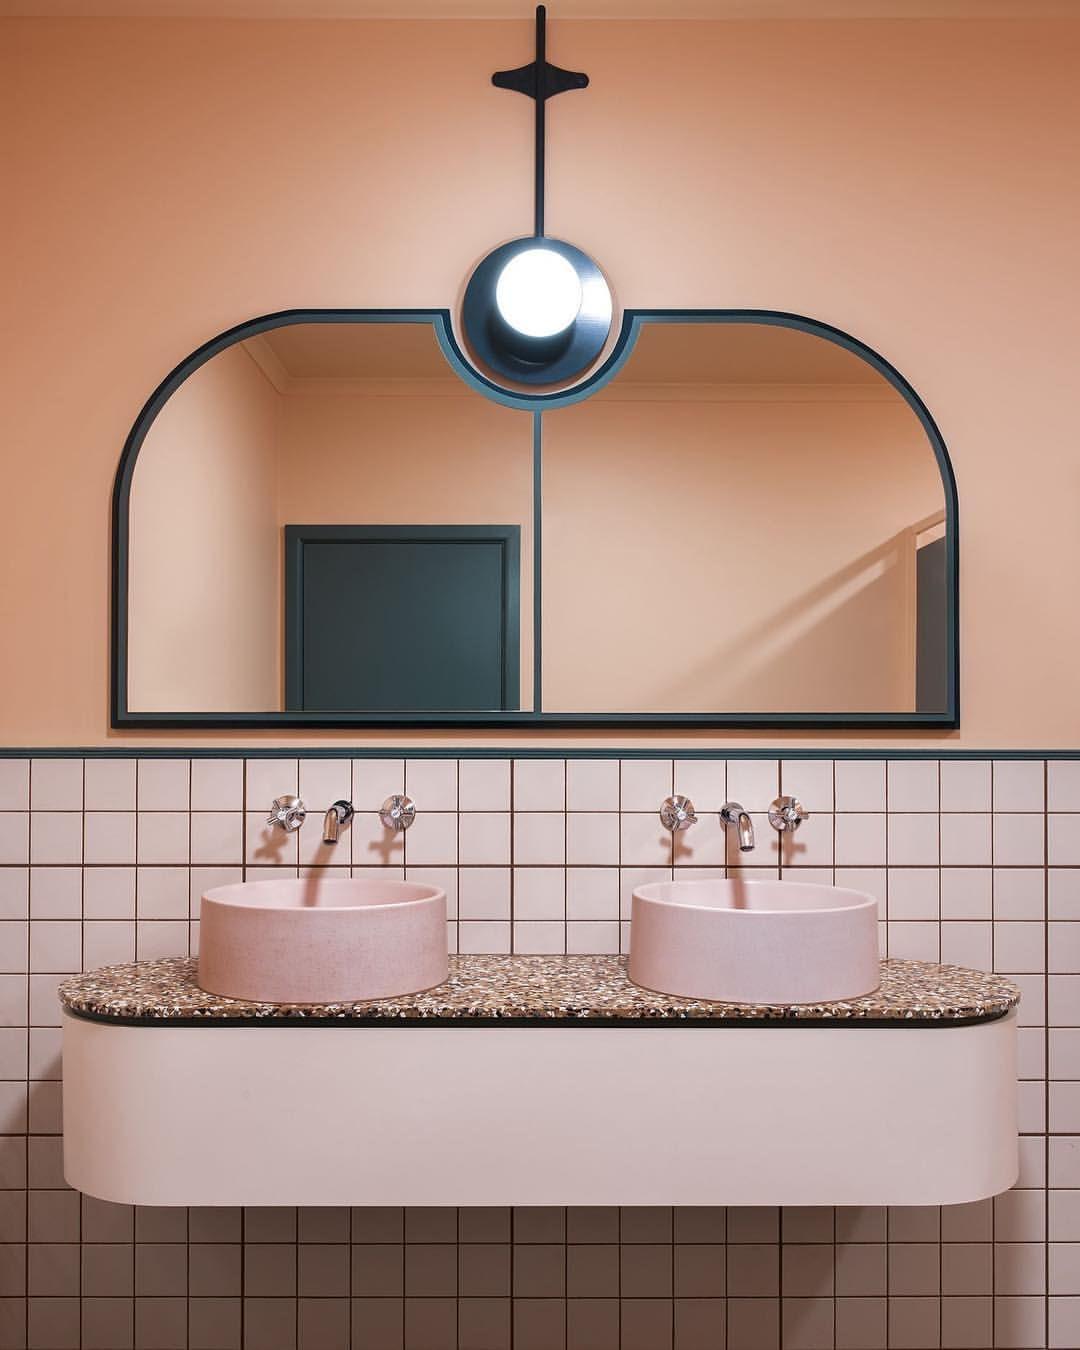 Mt Erica Hotel By Bergman Co P Roduct Product Design Bathroom Hotel Interiordesign Interior Bathroom Interior Bathroom Design Bathroom Inspiration